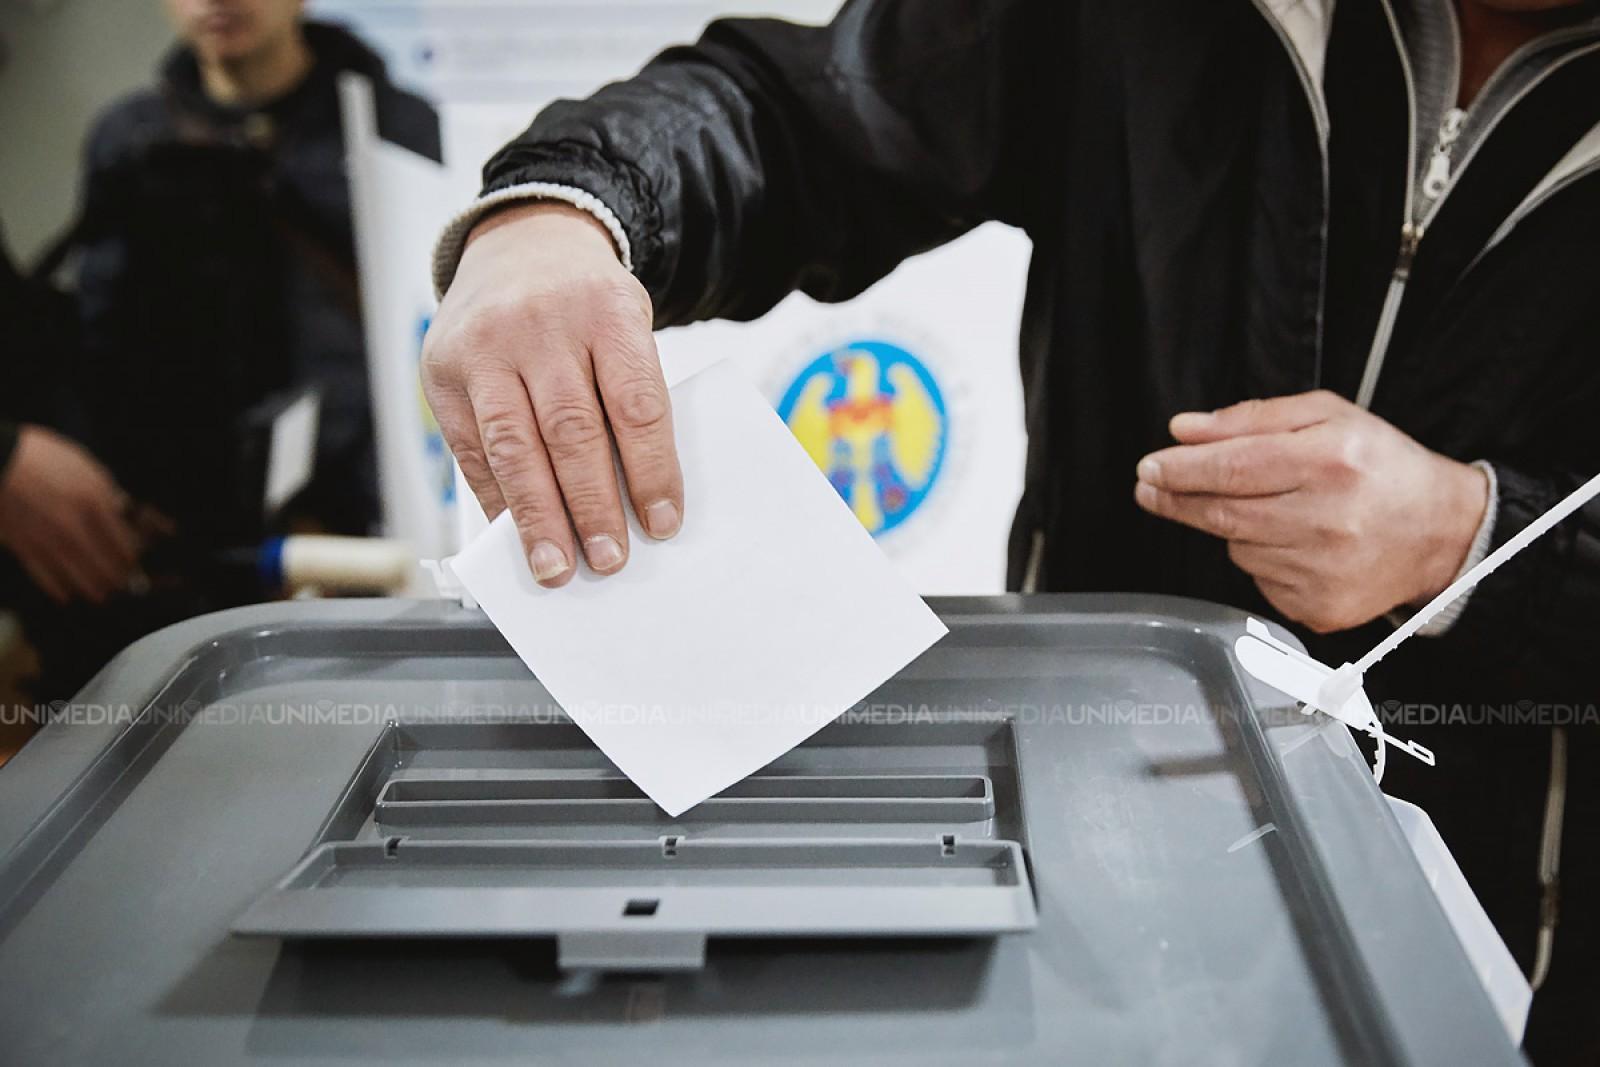 (video) Promo-LEX, despre alegerilor locale 2018: Mai multe daruri în ultimele săptămâni de campanie de la concurenți electorali, iar Andrei Năstase rămâne cel mai afectat de mesaje instigatoare la ură